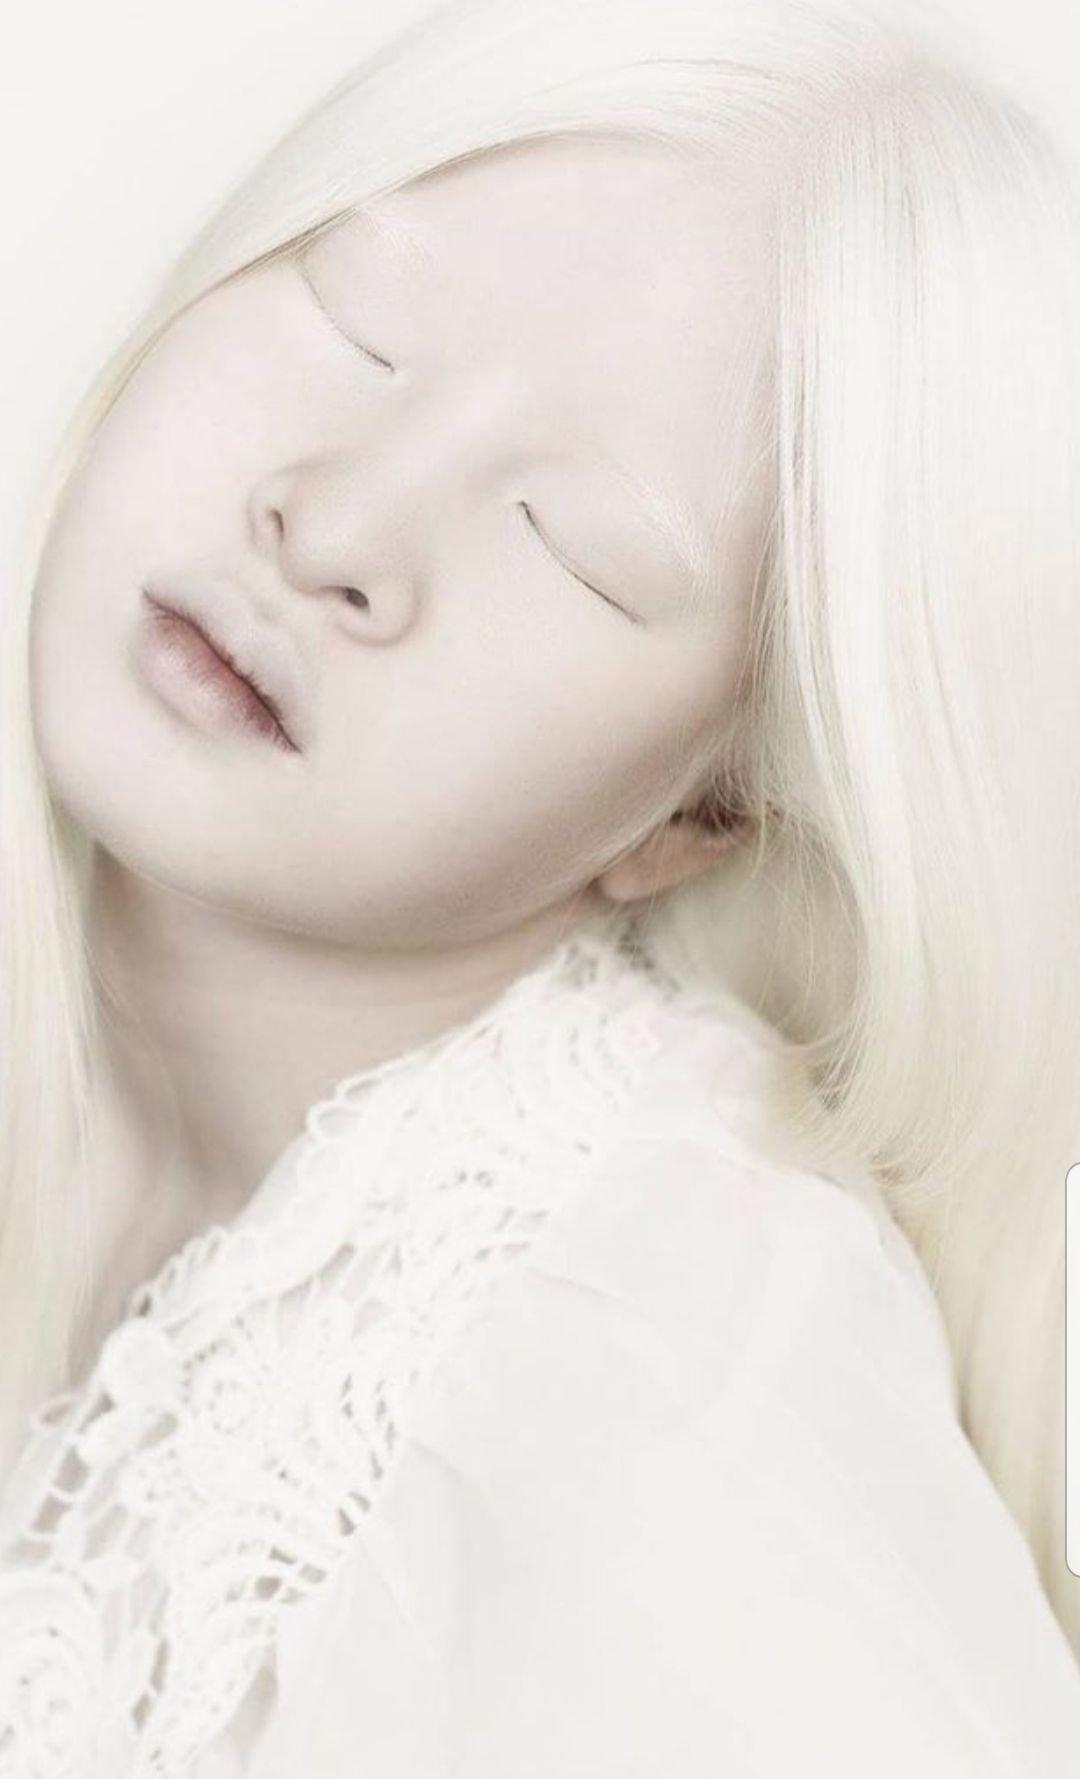 因患有白化病而遭中國父母拋棄的女孩雪麗,由於與眾不同的外表卻意外成就了自己的模特生涯,小小年紀就已登上《時尚》雜誌的版面。(Reiny Bourgonje via Zebedee提供)